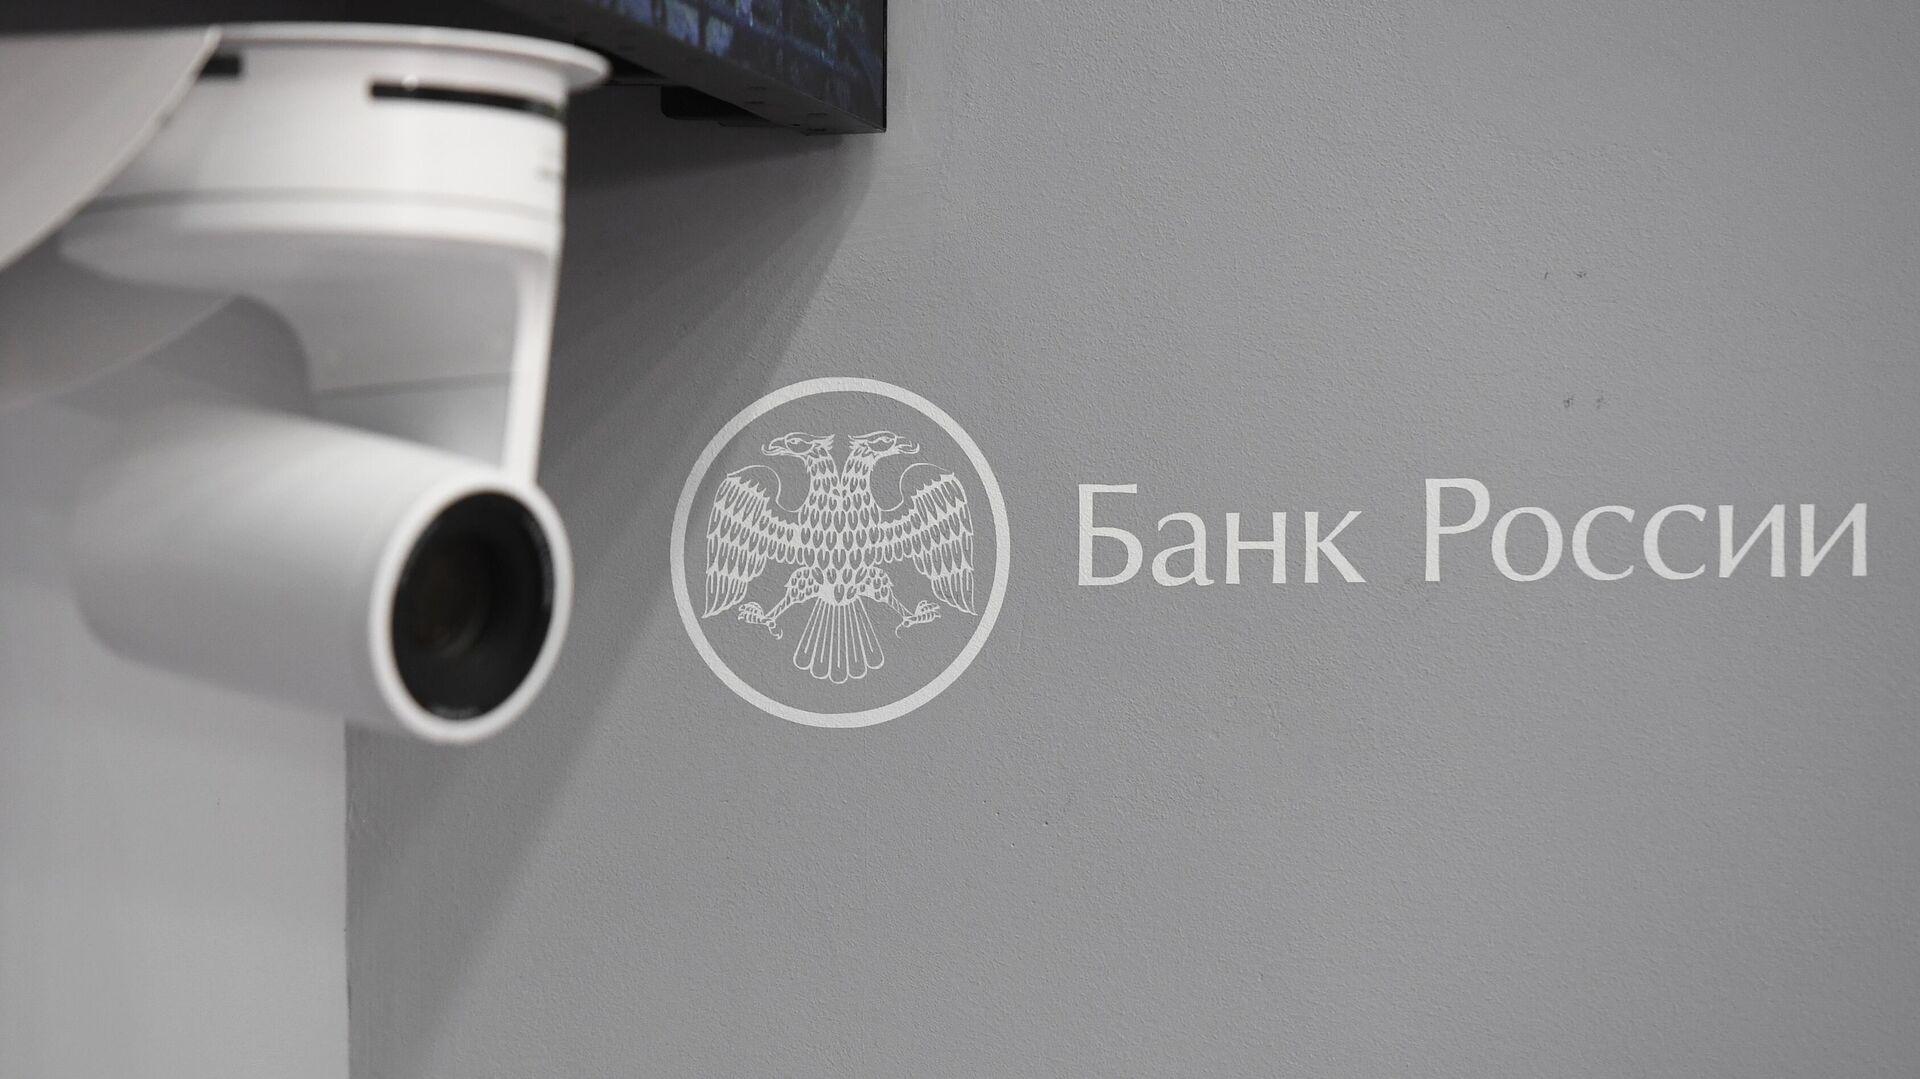 Видеокамера в кабинете Центрального банка РФ - РИА Новости, 1920, 14.09.2021